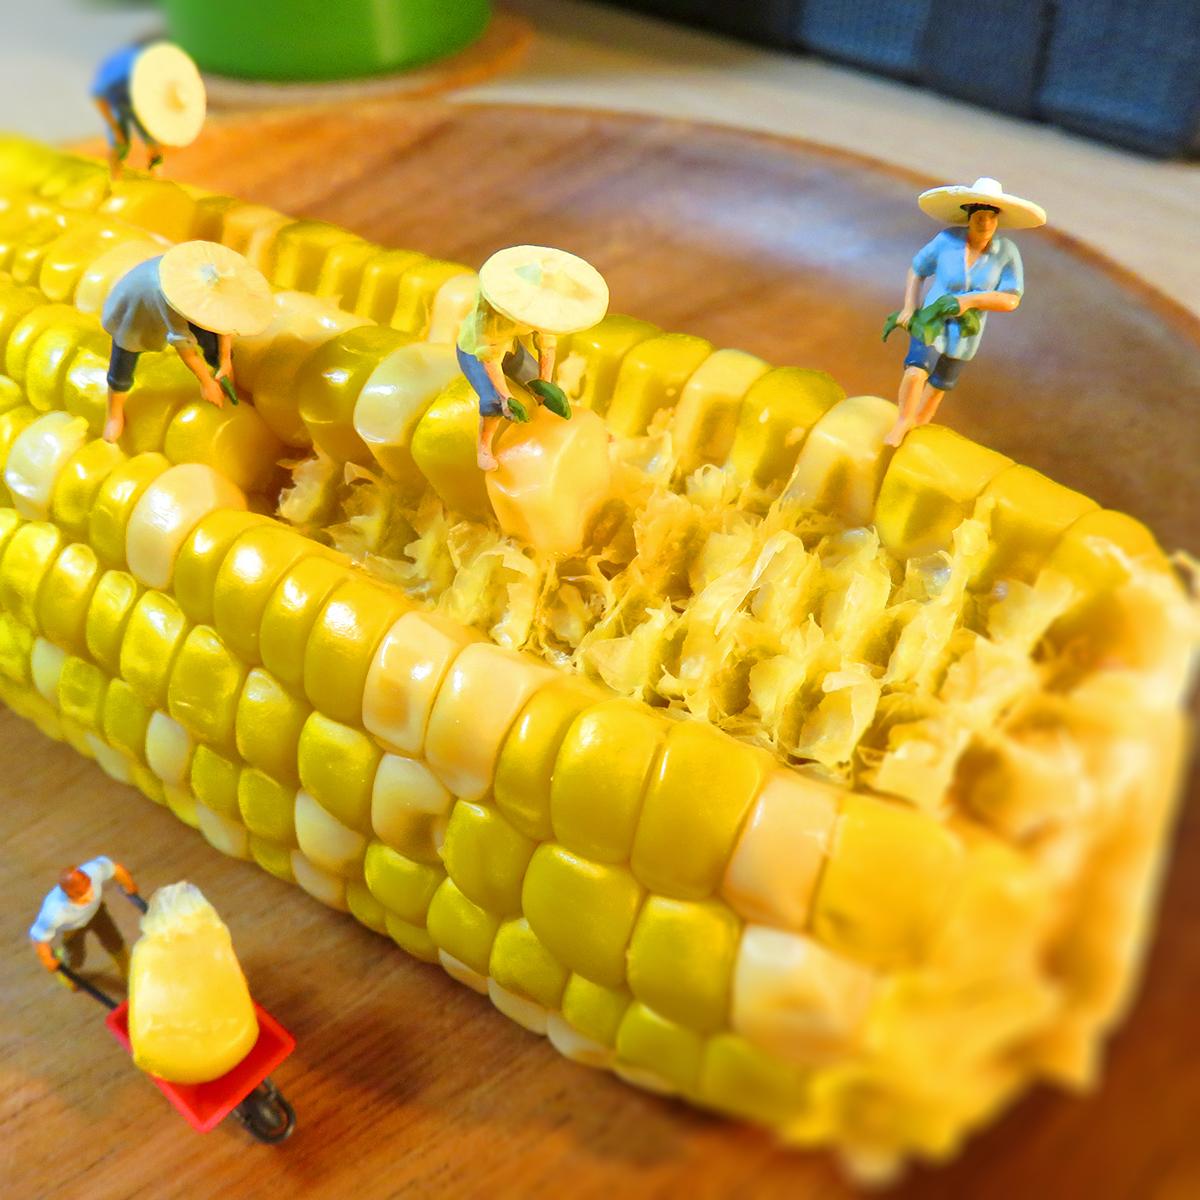 トウモロコシを収穫する農作業員たち